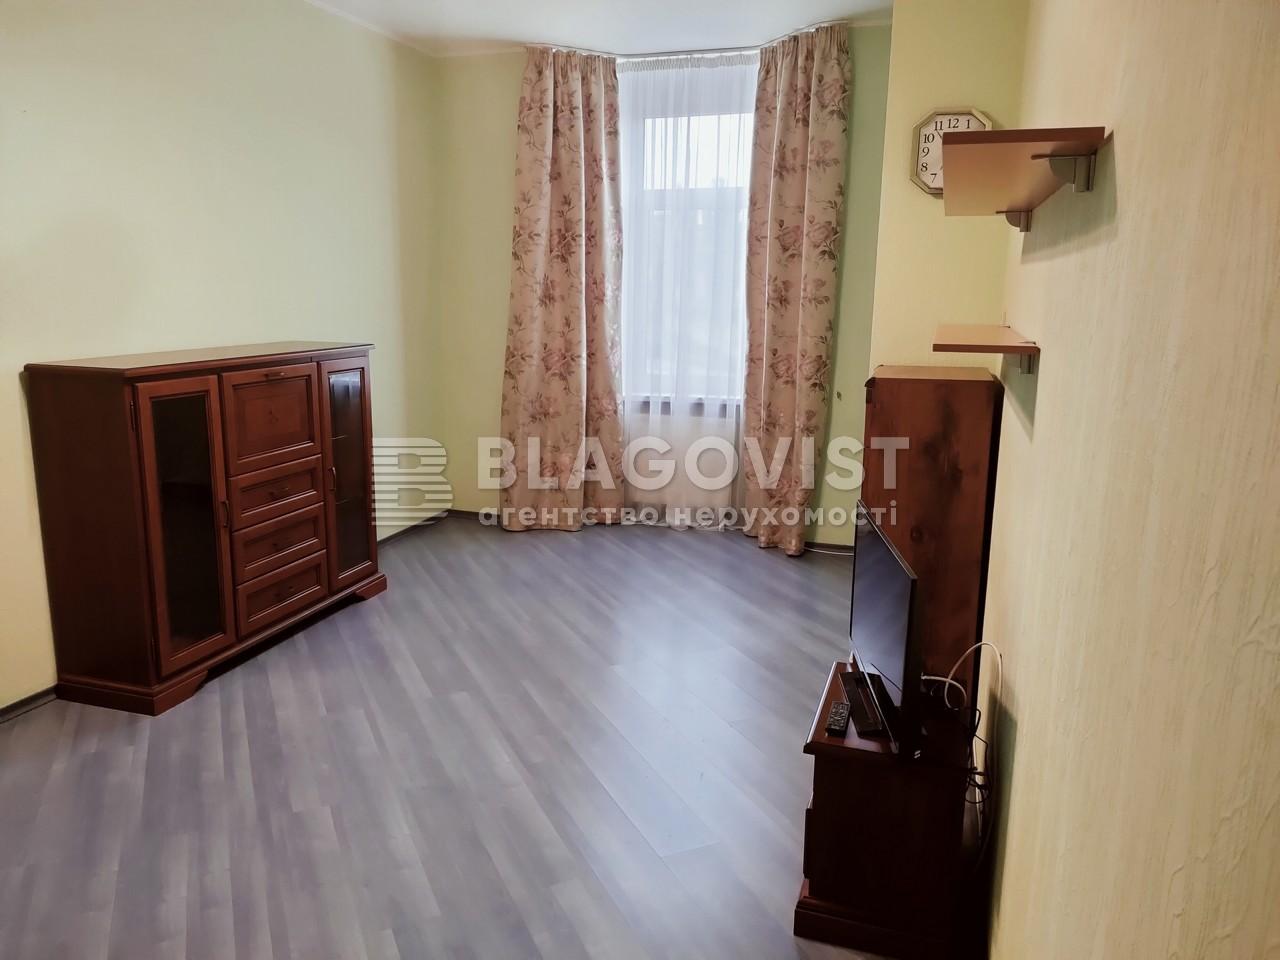 Квартира E-41045, Кловский спуск, 5, Киев - Фото 12